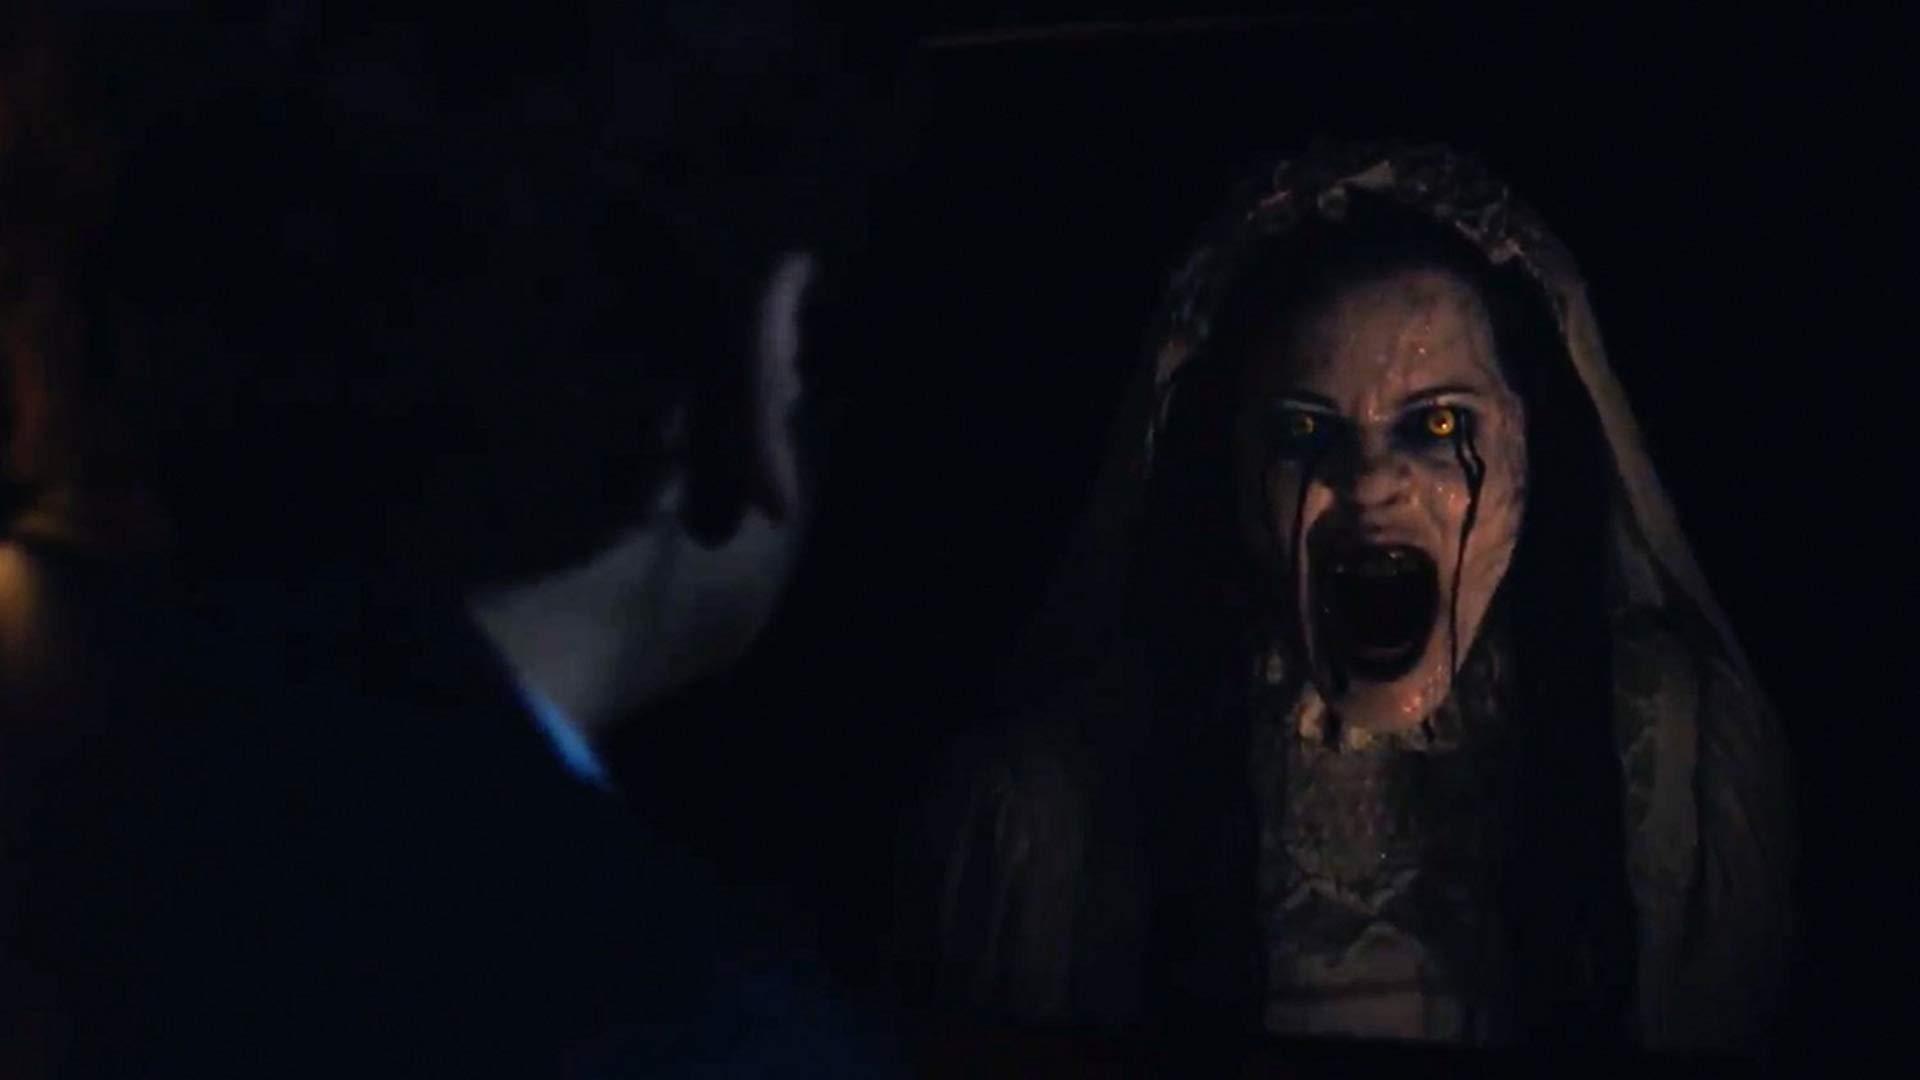 In Dem Von James Wan Conjuring Produzierten Gruselfilm The Curse Of La Llorona Treibt Der Geist Einer Frau In Den 70er Jahren In Los Angeles Sein Unwesen